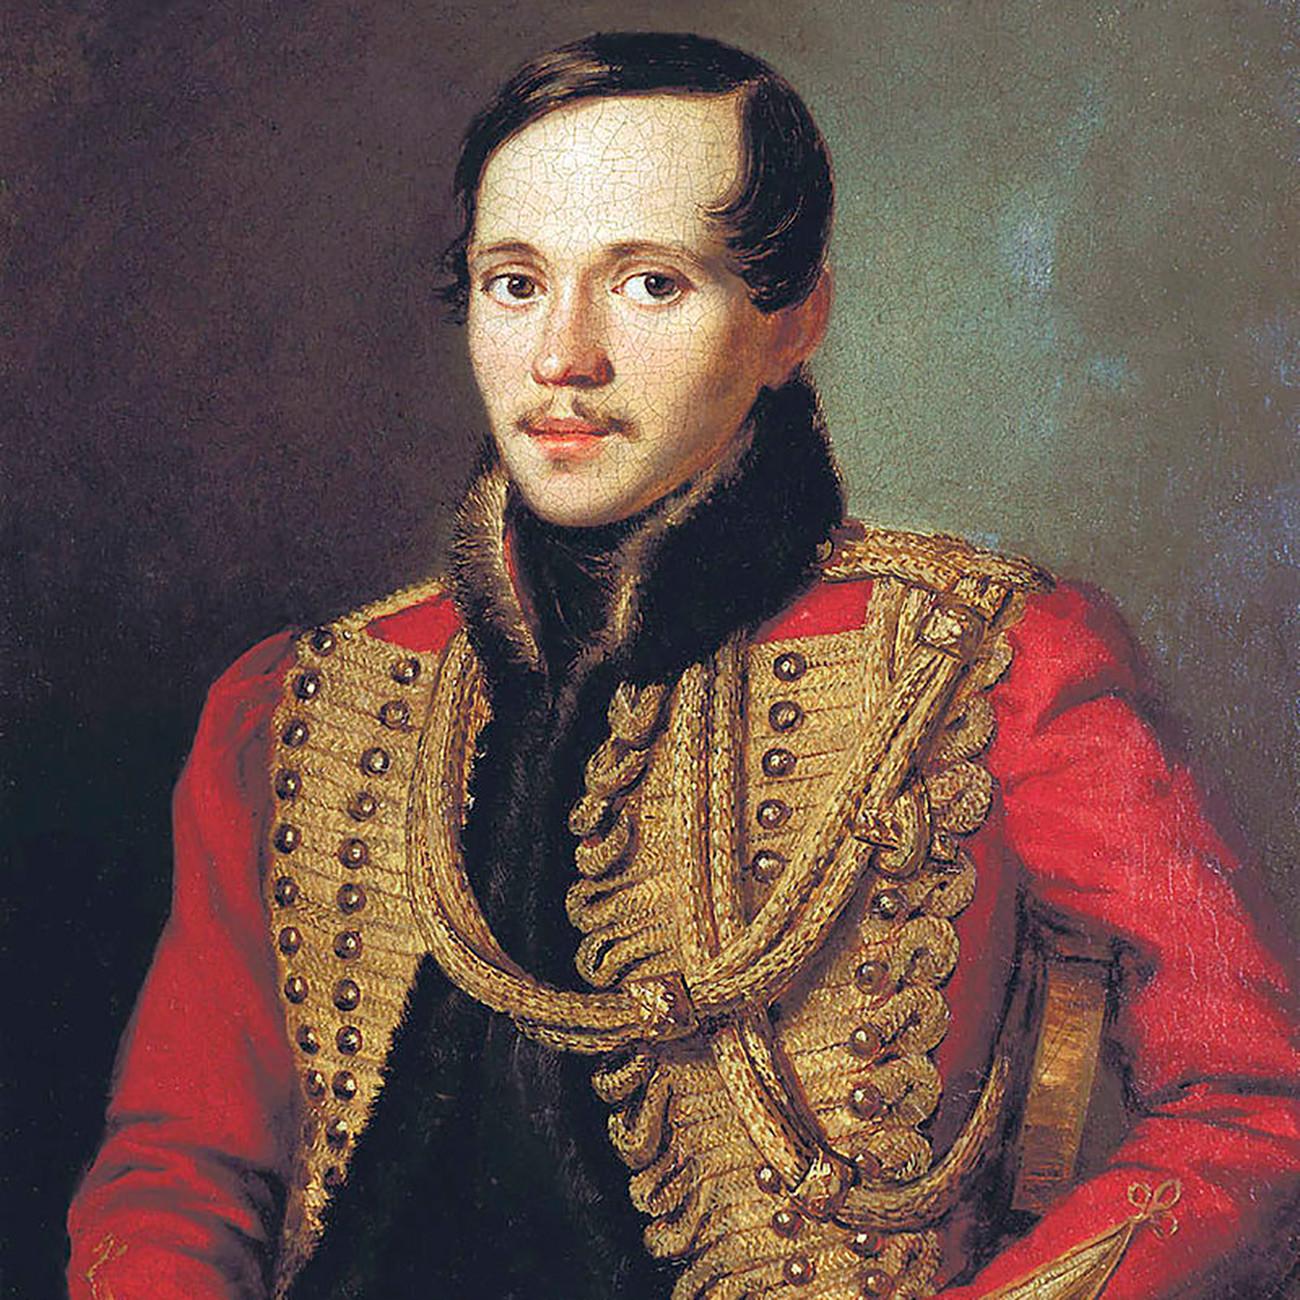 Mihail Ljermontov